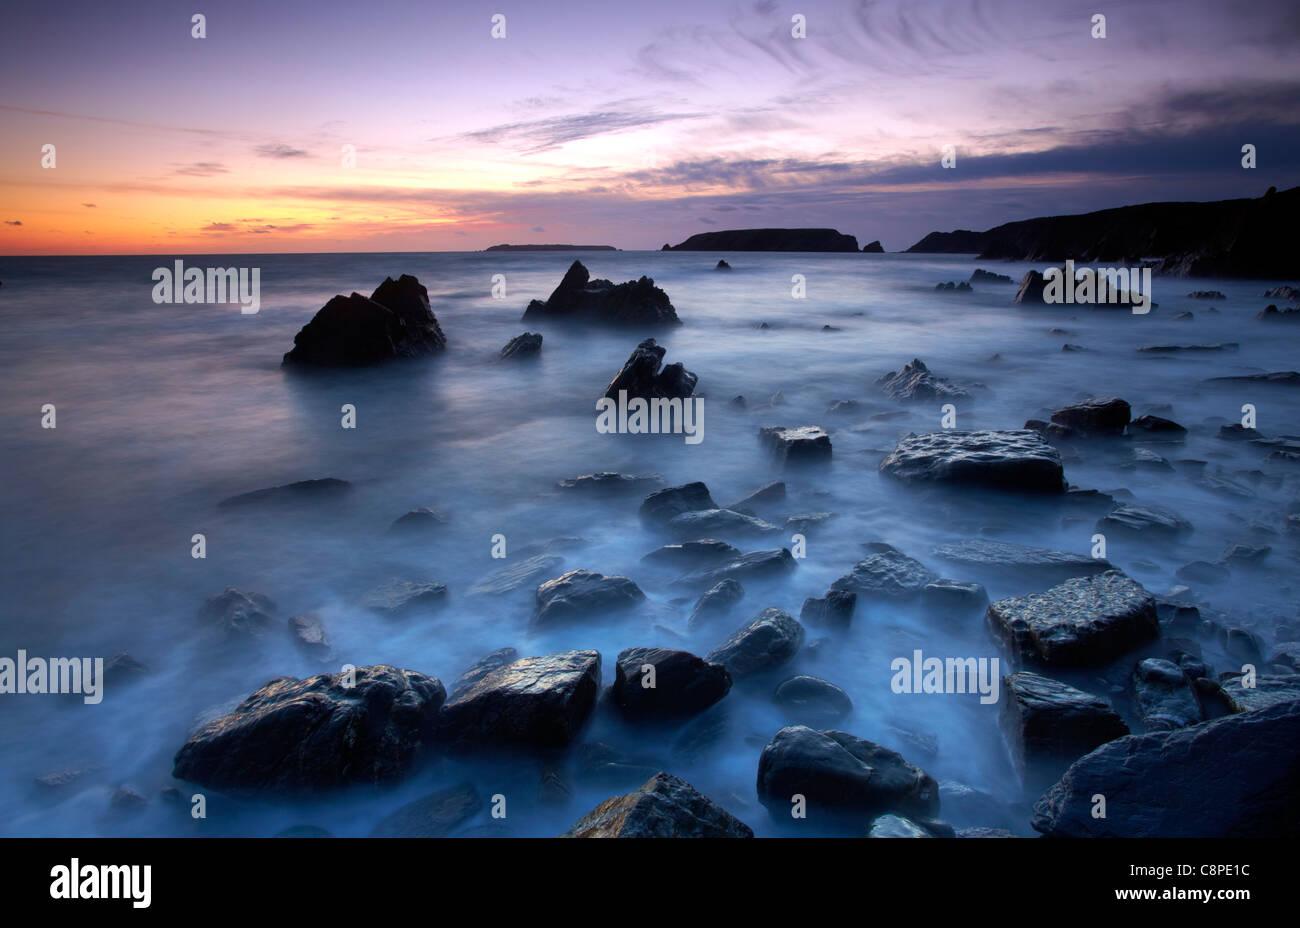 Abenddämmerung am Marloes, mit Blick auf Gateholm und Skokholm Inseln, Pembrokeshire, Westwales. Stockbild